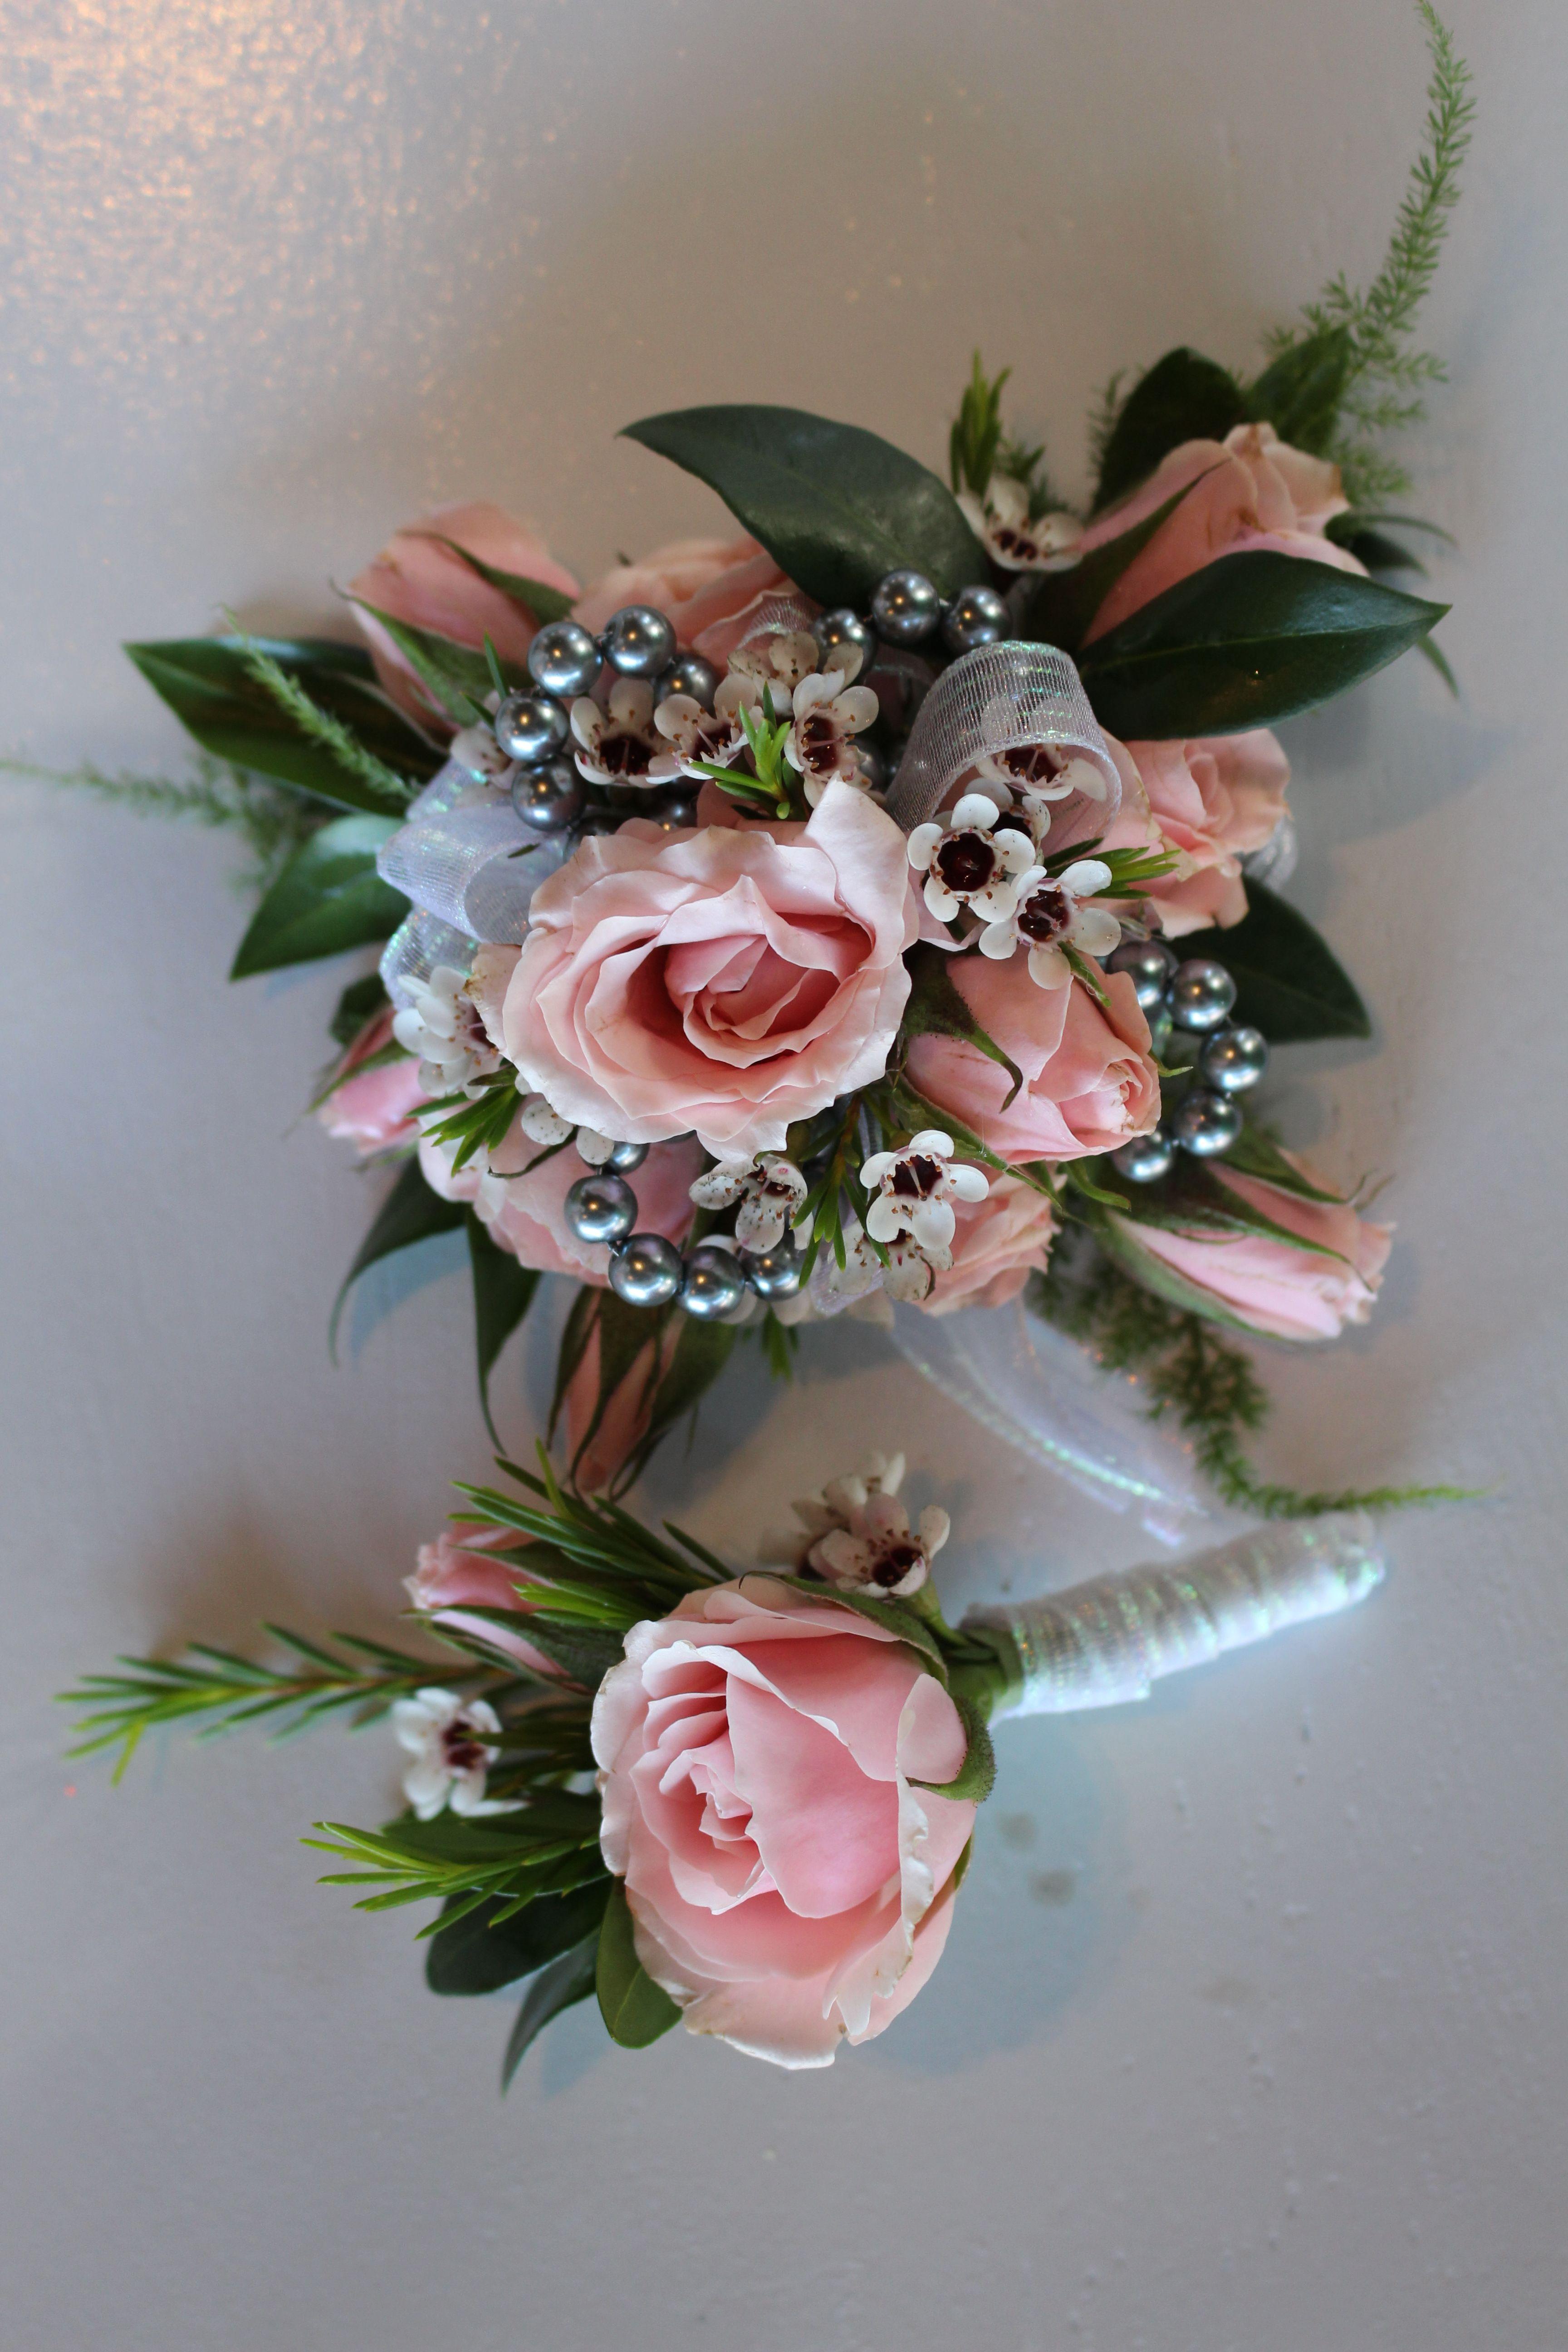 Bouquet Sposa Con Zagare.Pink And Silver Prom Corsage Nozze Matrimonio